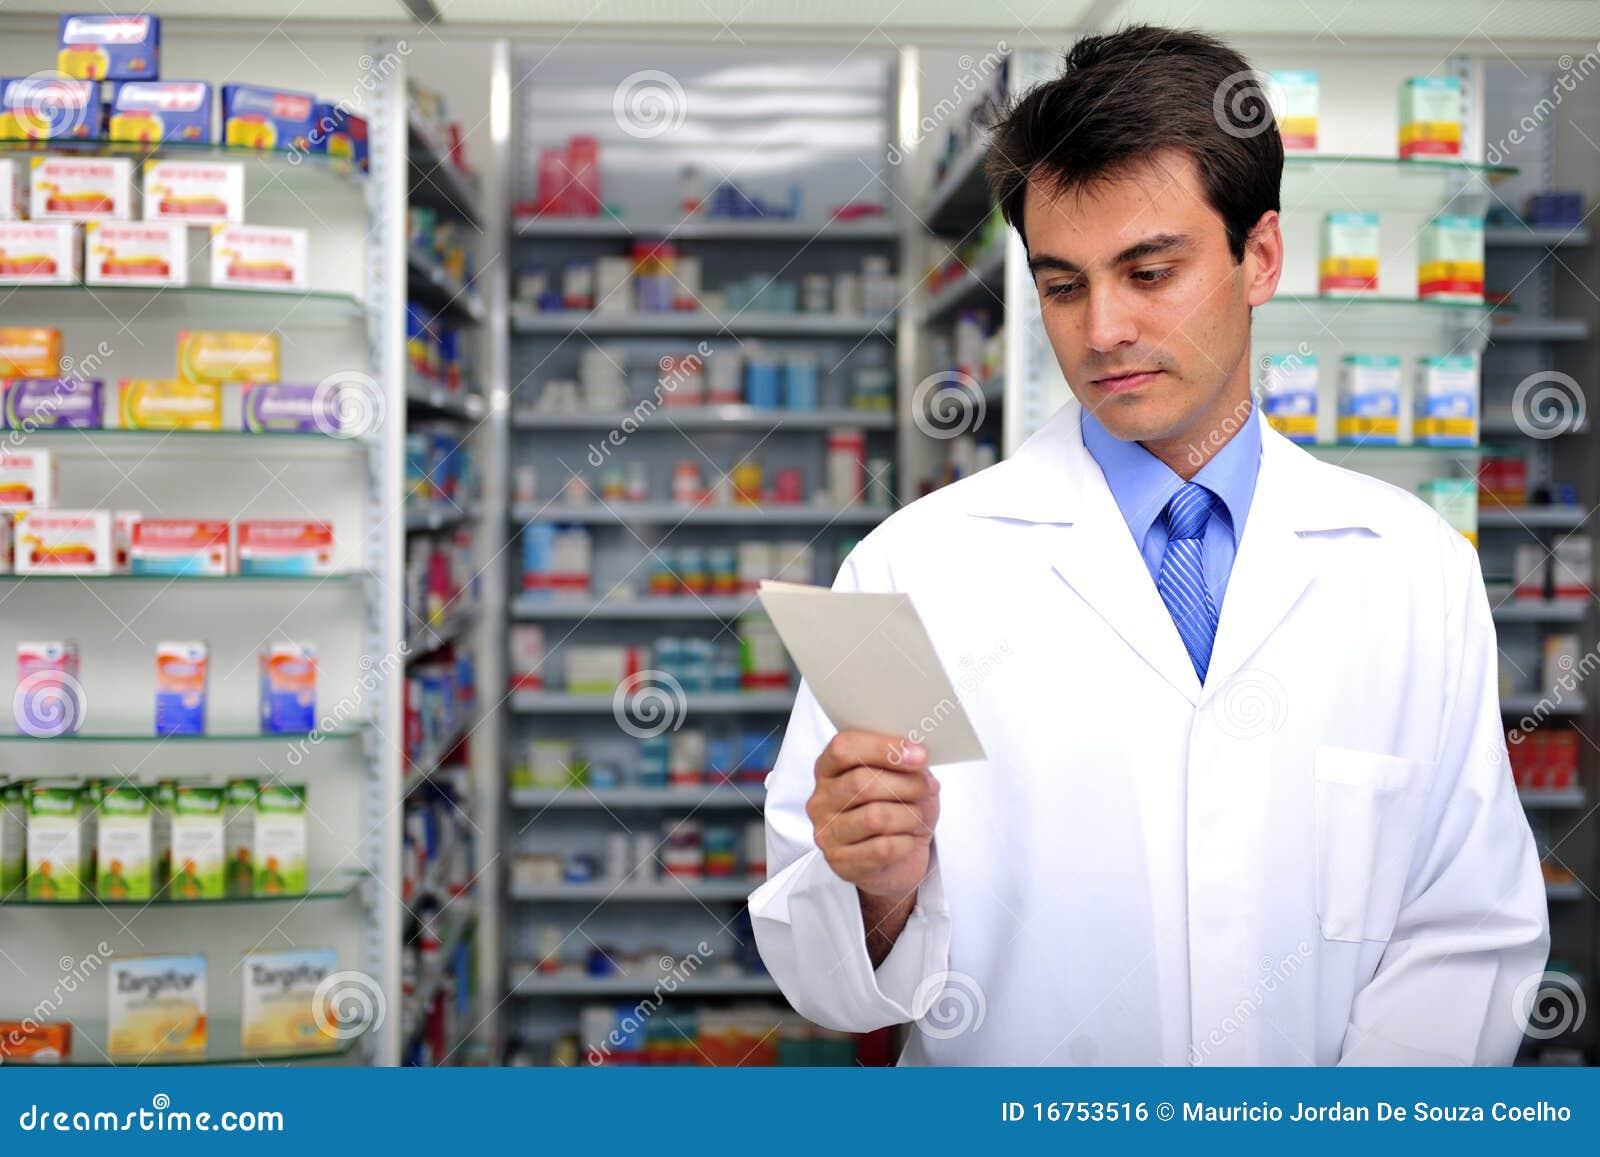 Συνταγή ανάγνωσης φαρμακοποιών στο φαρμακείο